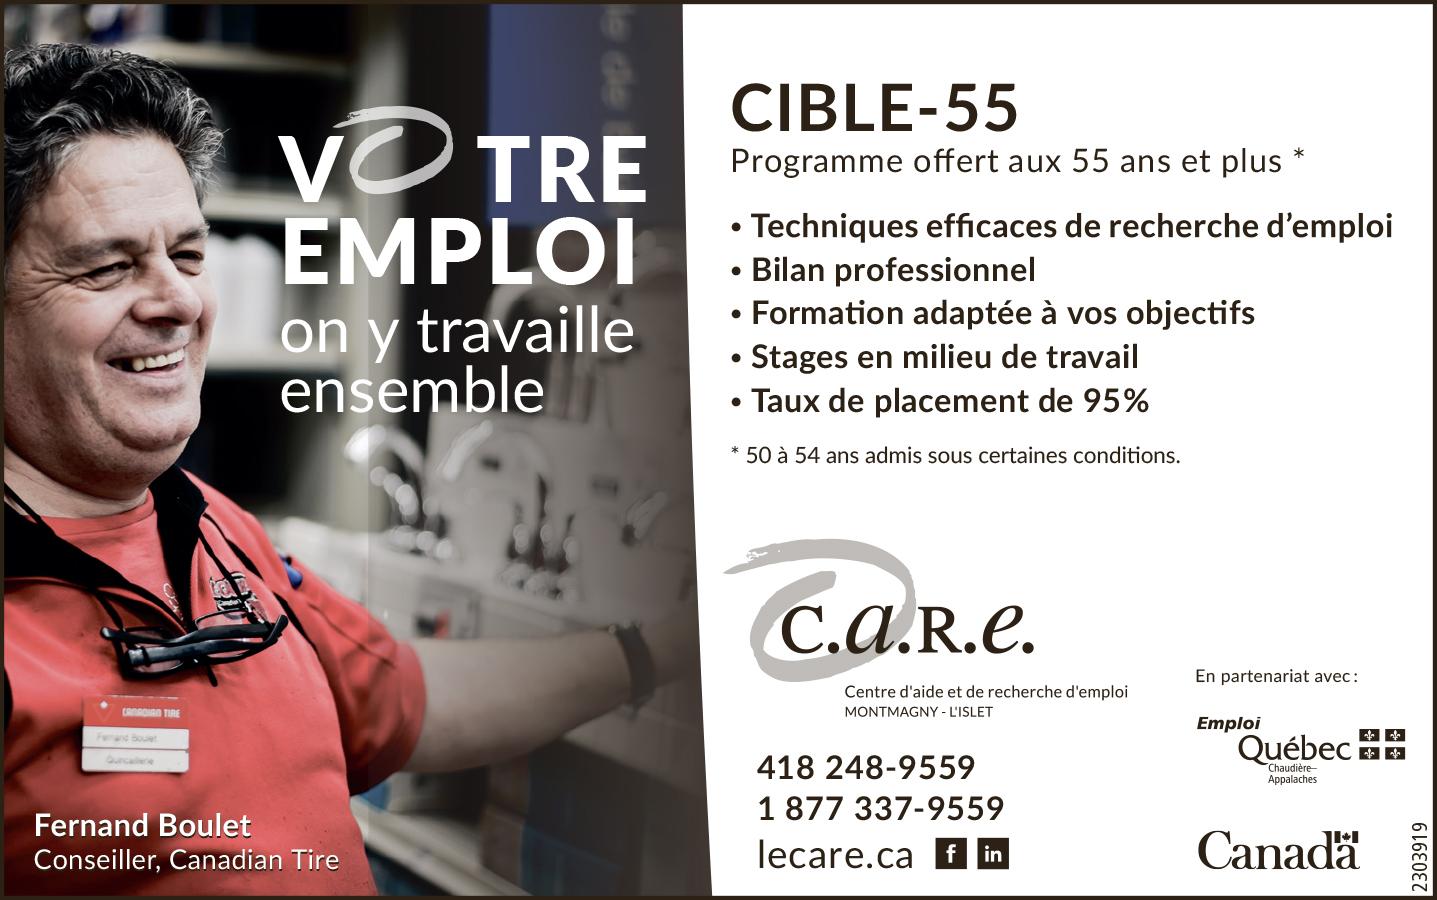 CIBLE-55